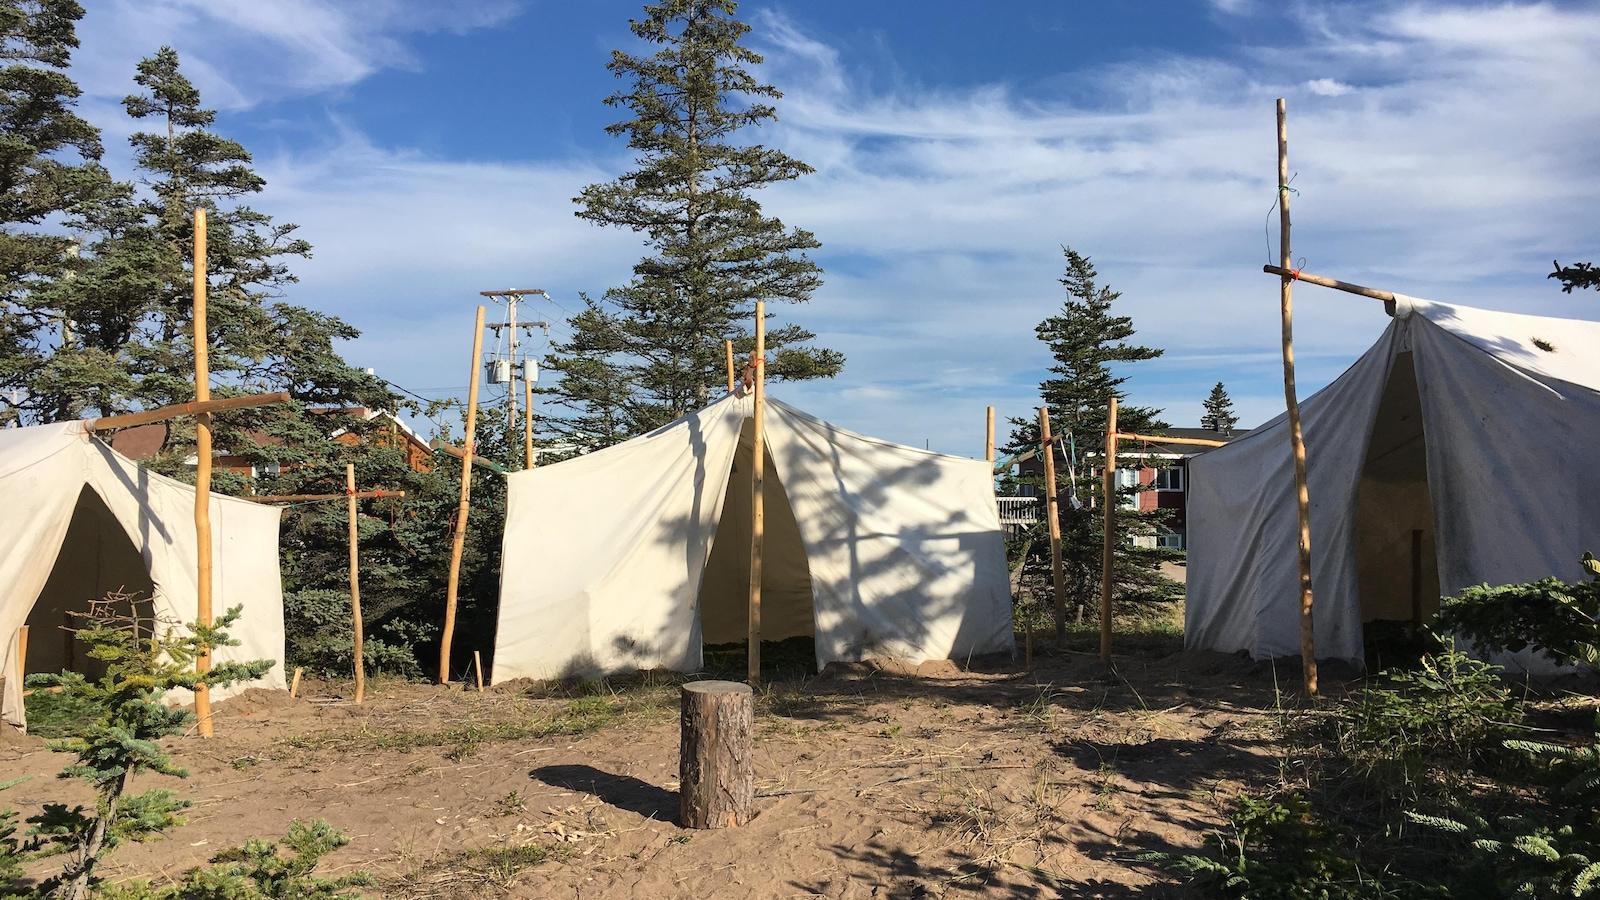 Trois tentes au travers de quelques conifères forment une agora sur le site du festival